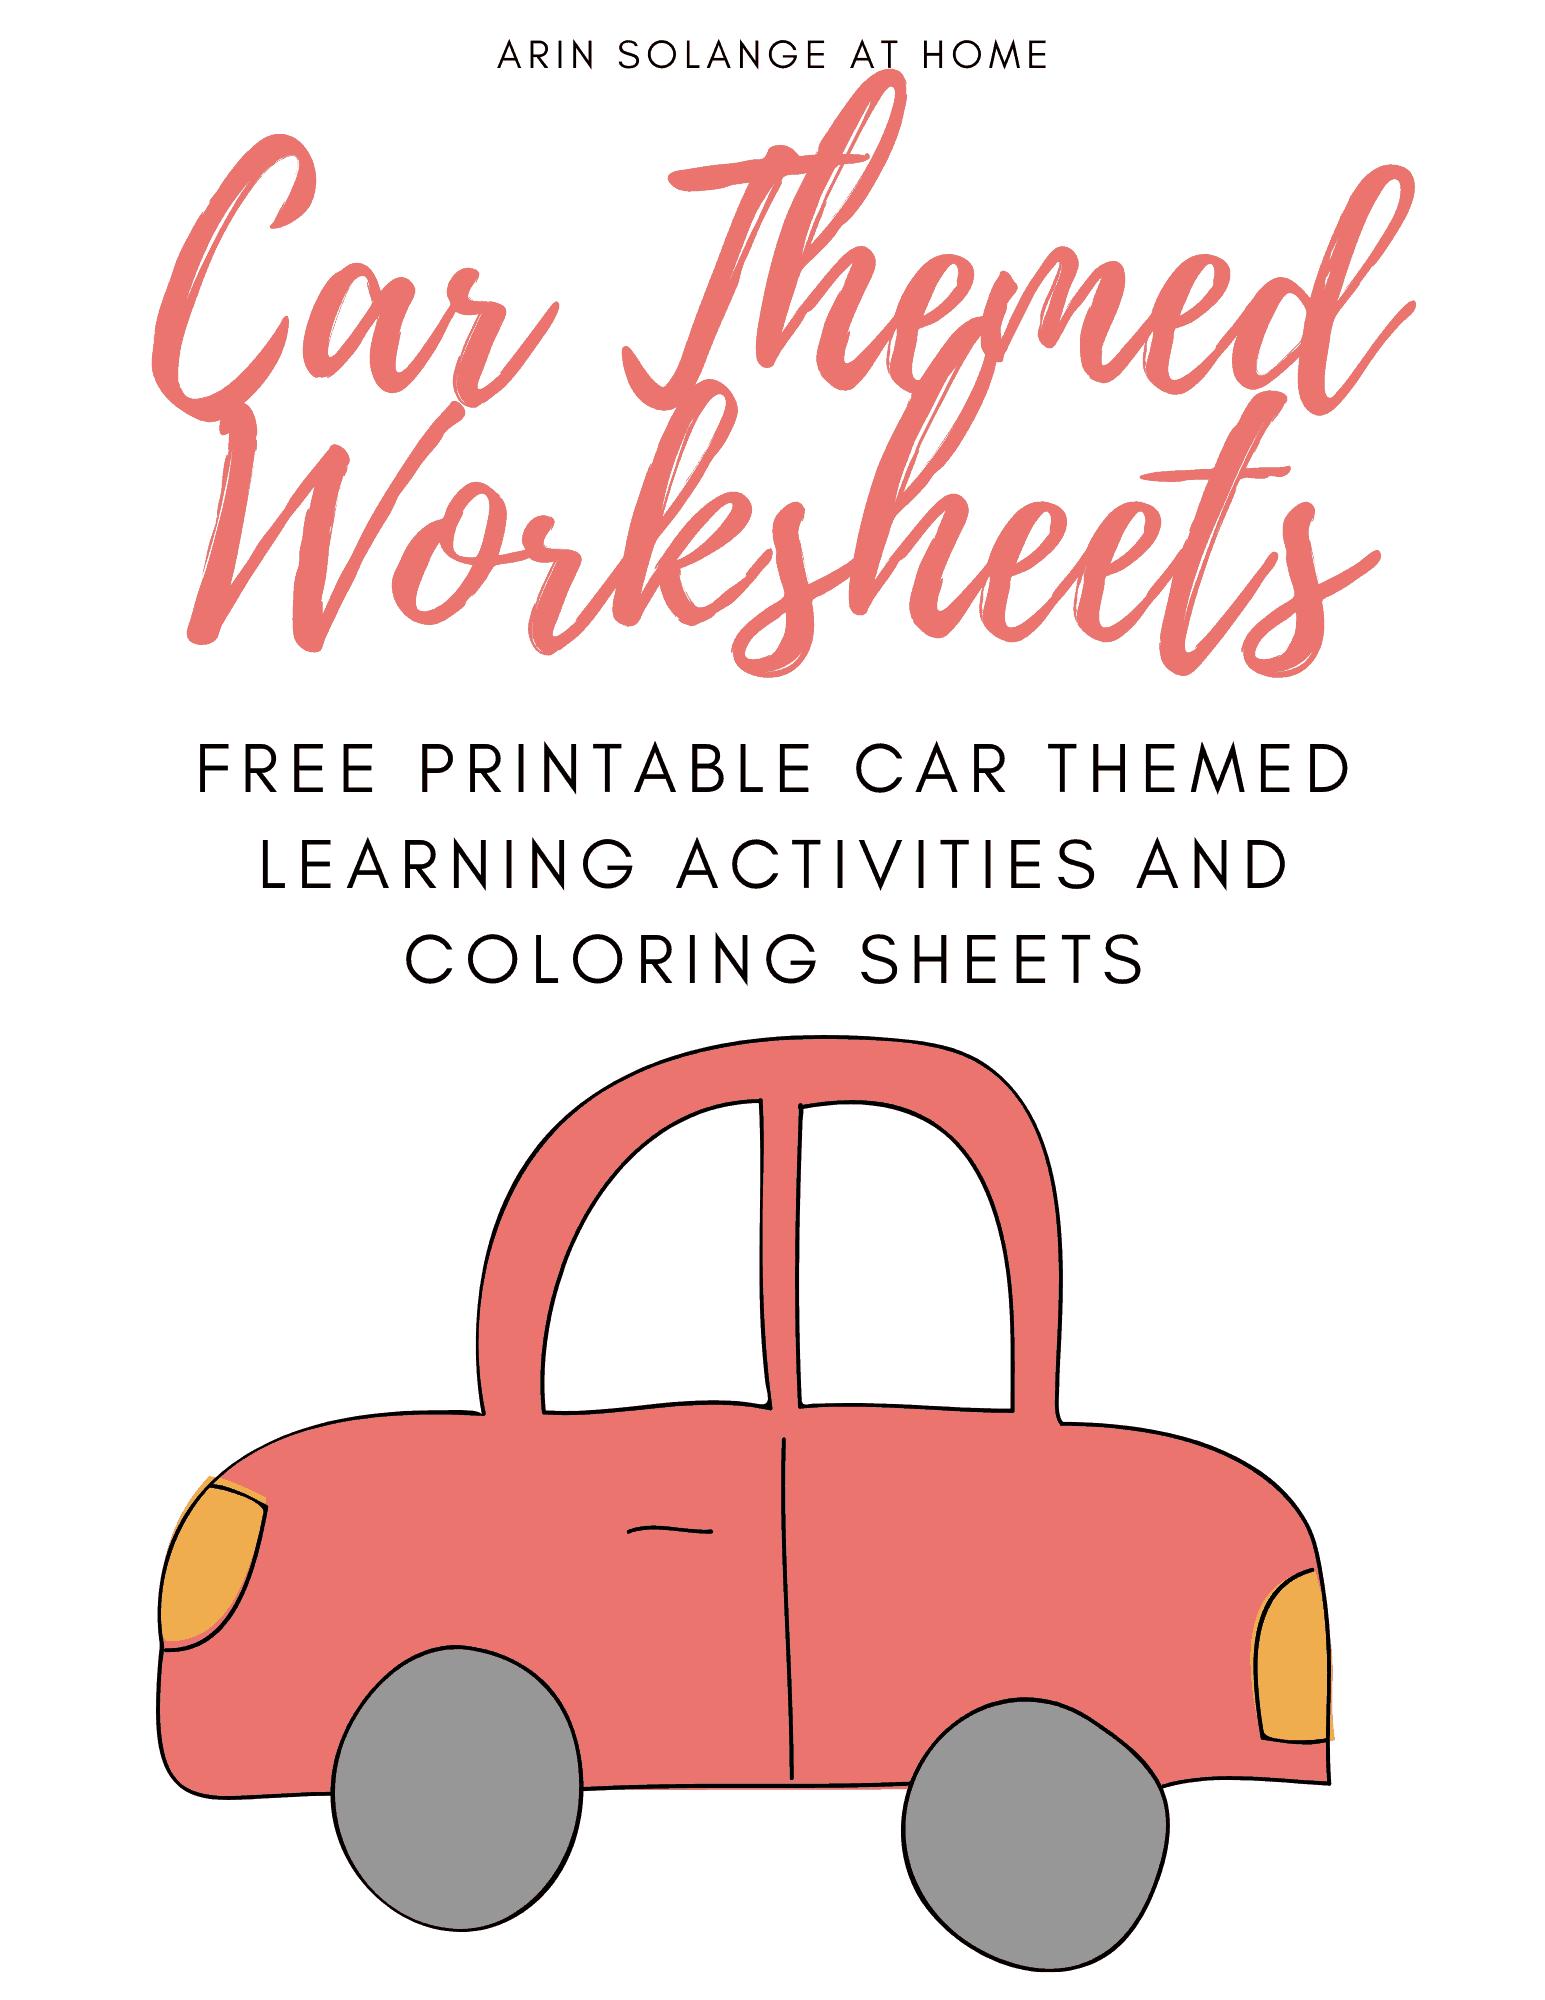 Free Printable Preschool Worksheets Car Themed In